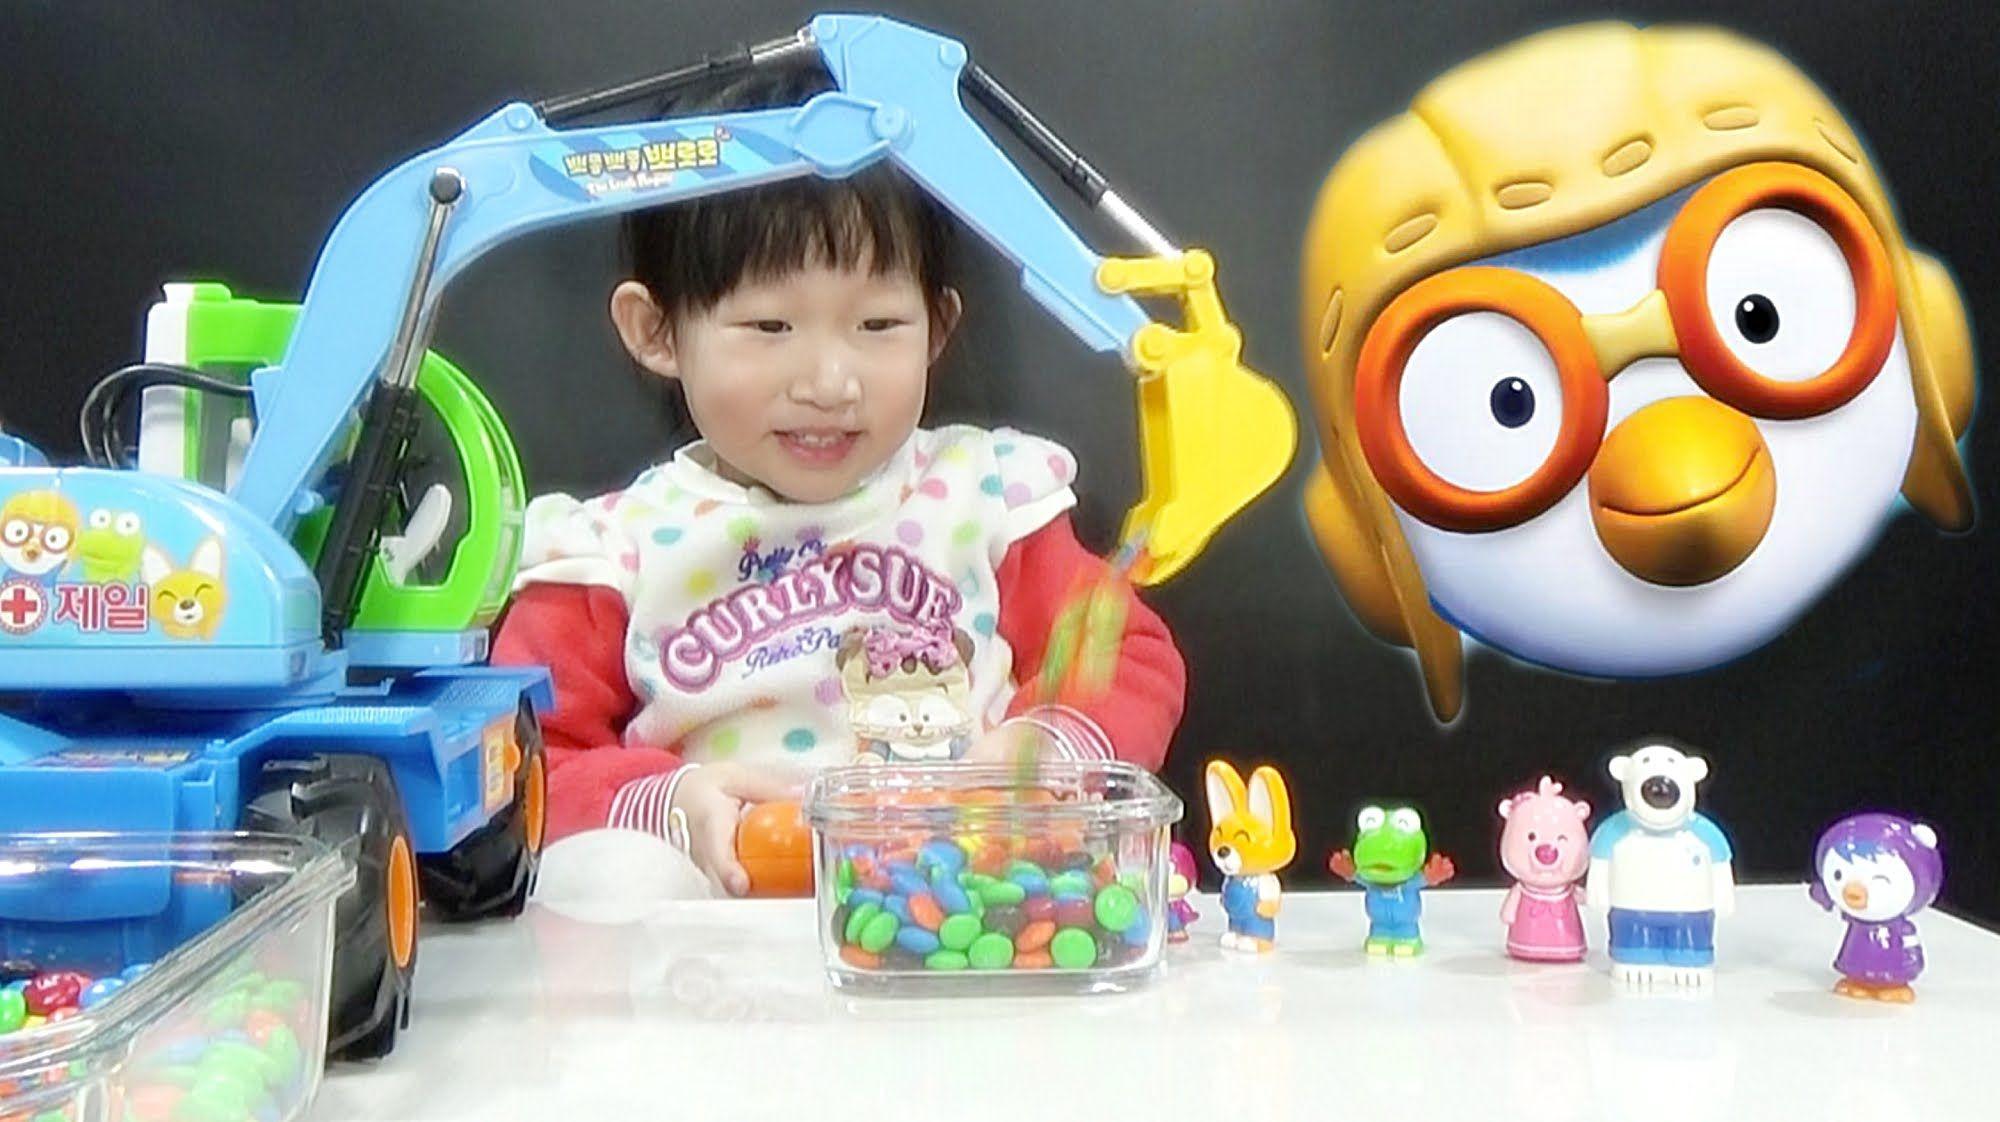 뽀로로 포크레인 장난감 초코볼 놀이 Pororo the Little Penguin Excavator Toy Choco Ball P...